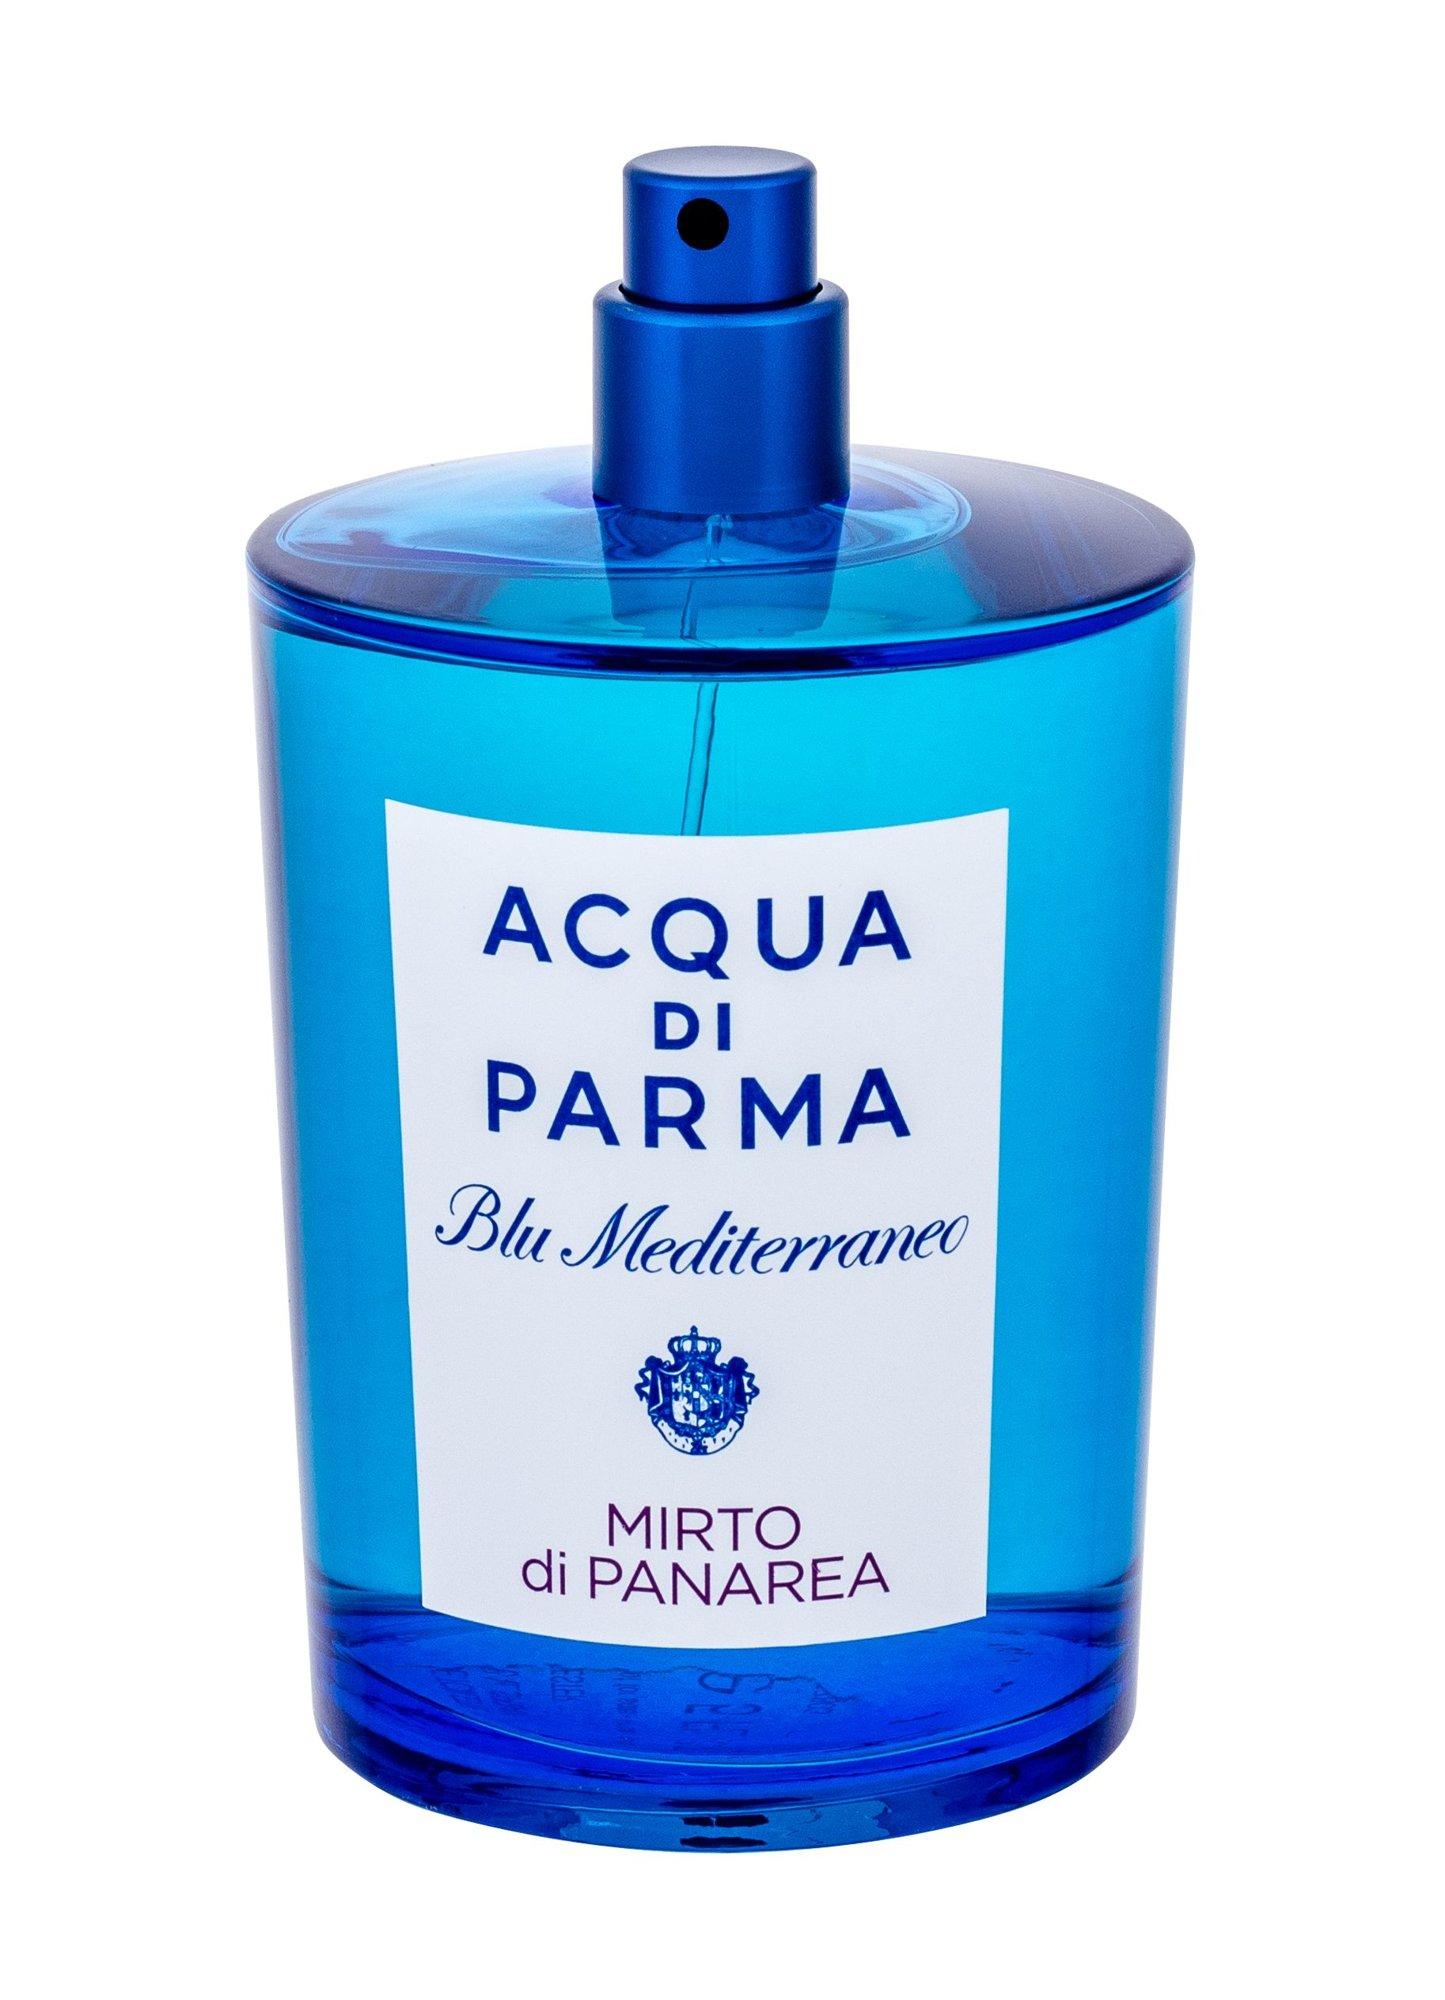 Acqua di Parma Blu Mediterraneo Mirto di Panarea EDT 150ml